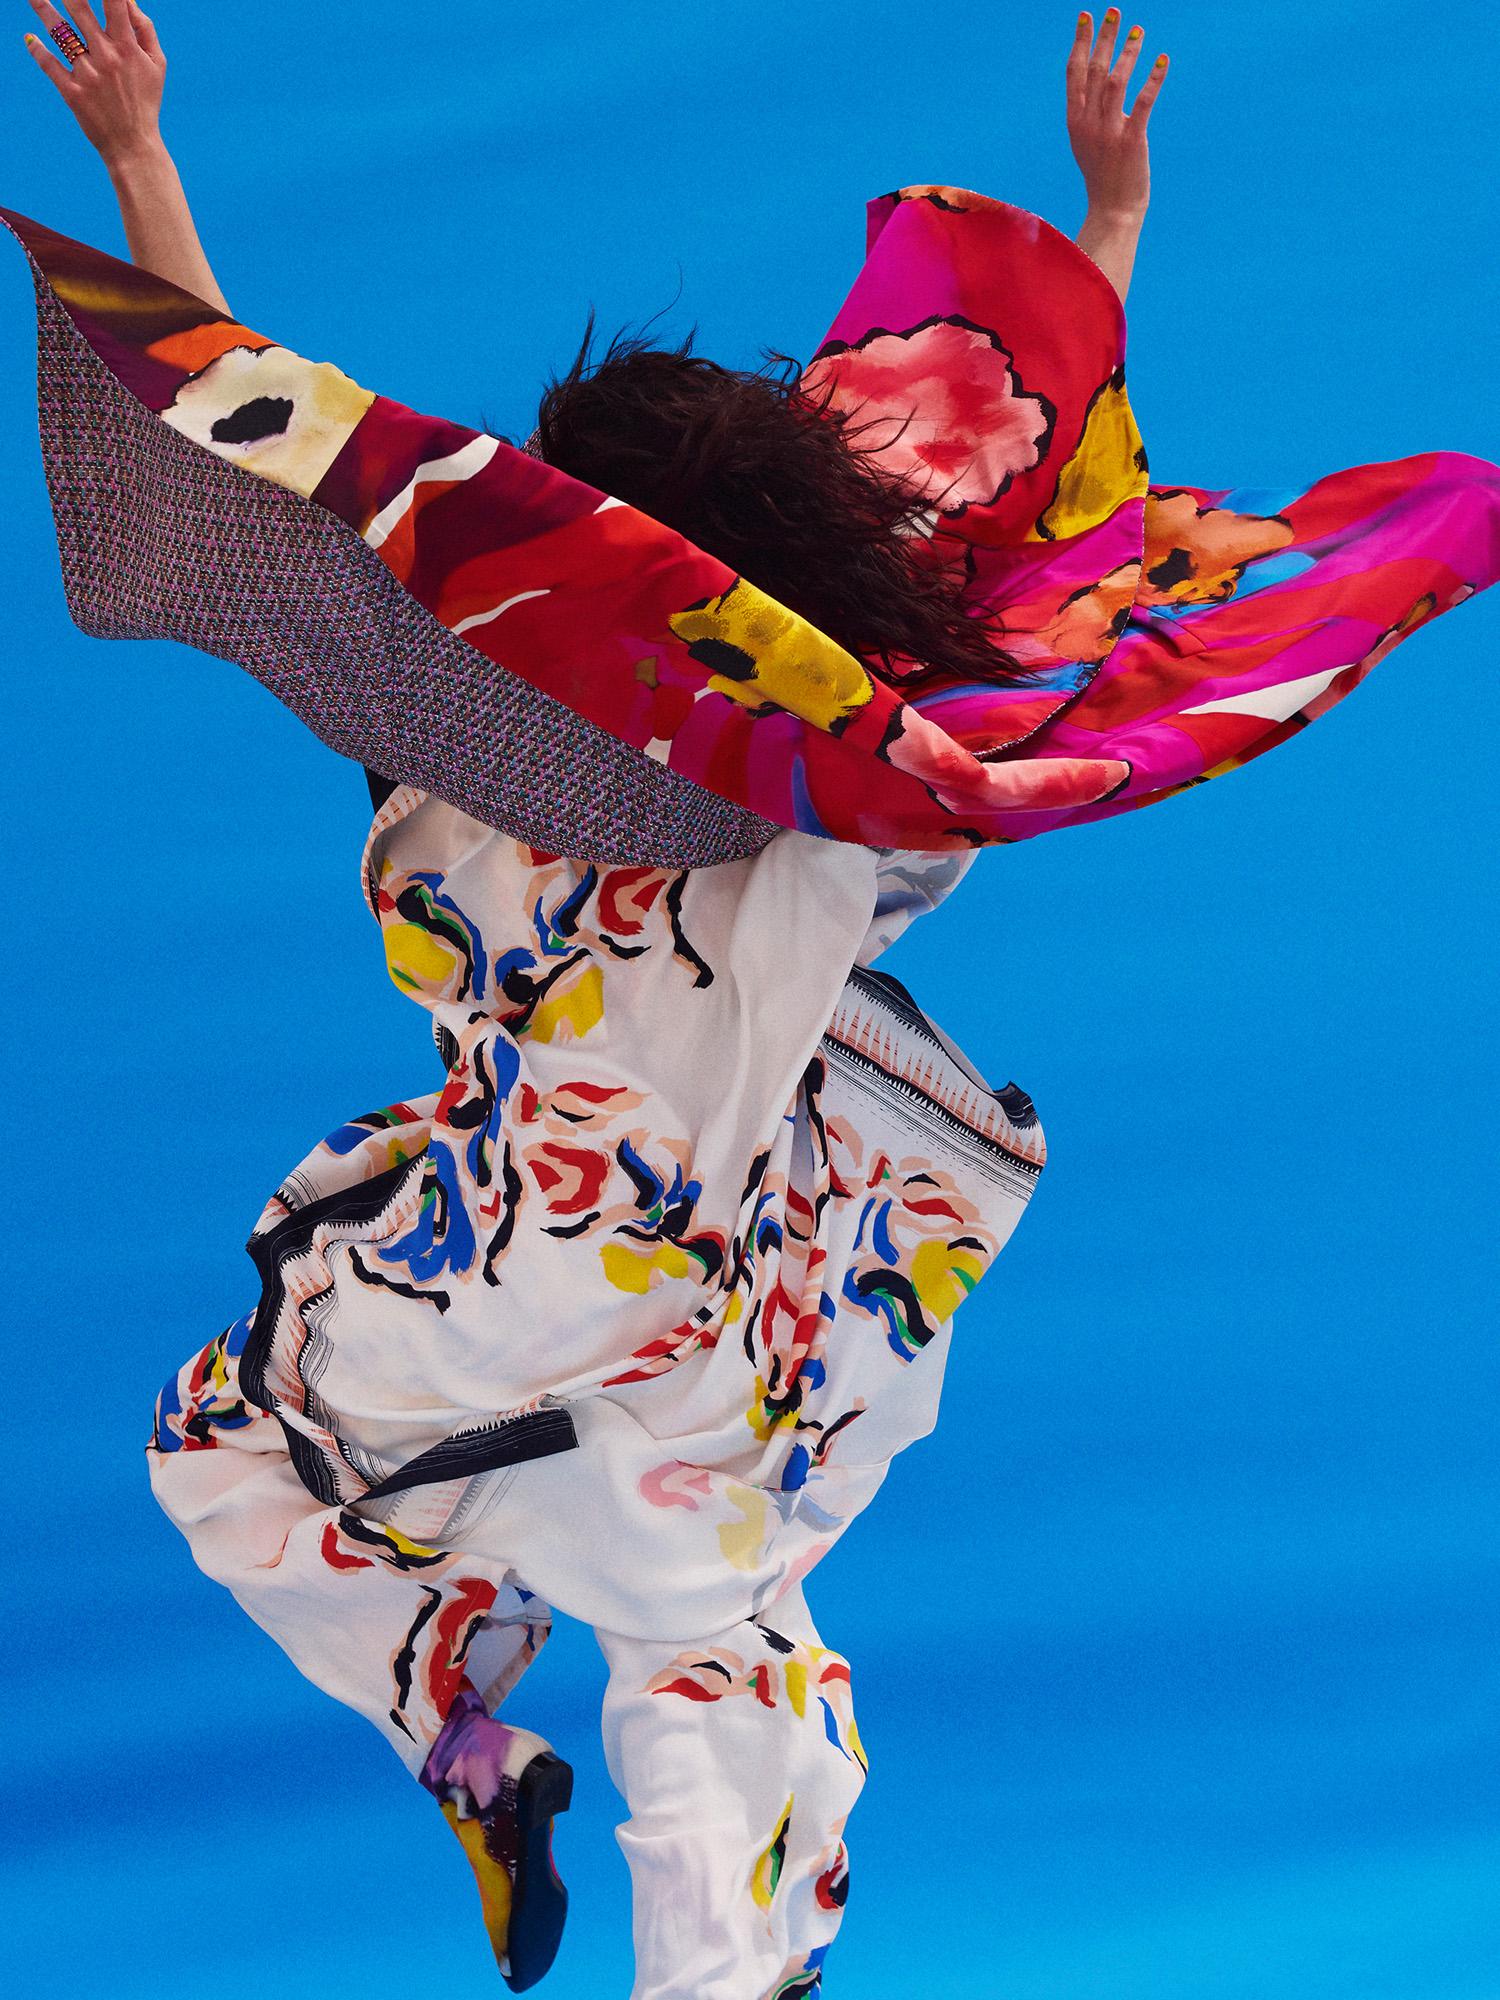 105-icon-artist-management-kristin-vicari-studio-stylist-magazine003.jpg